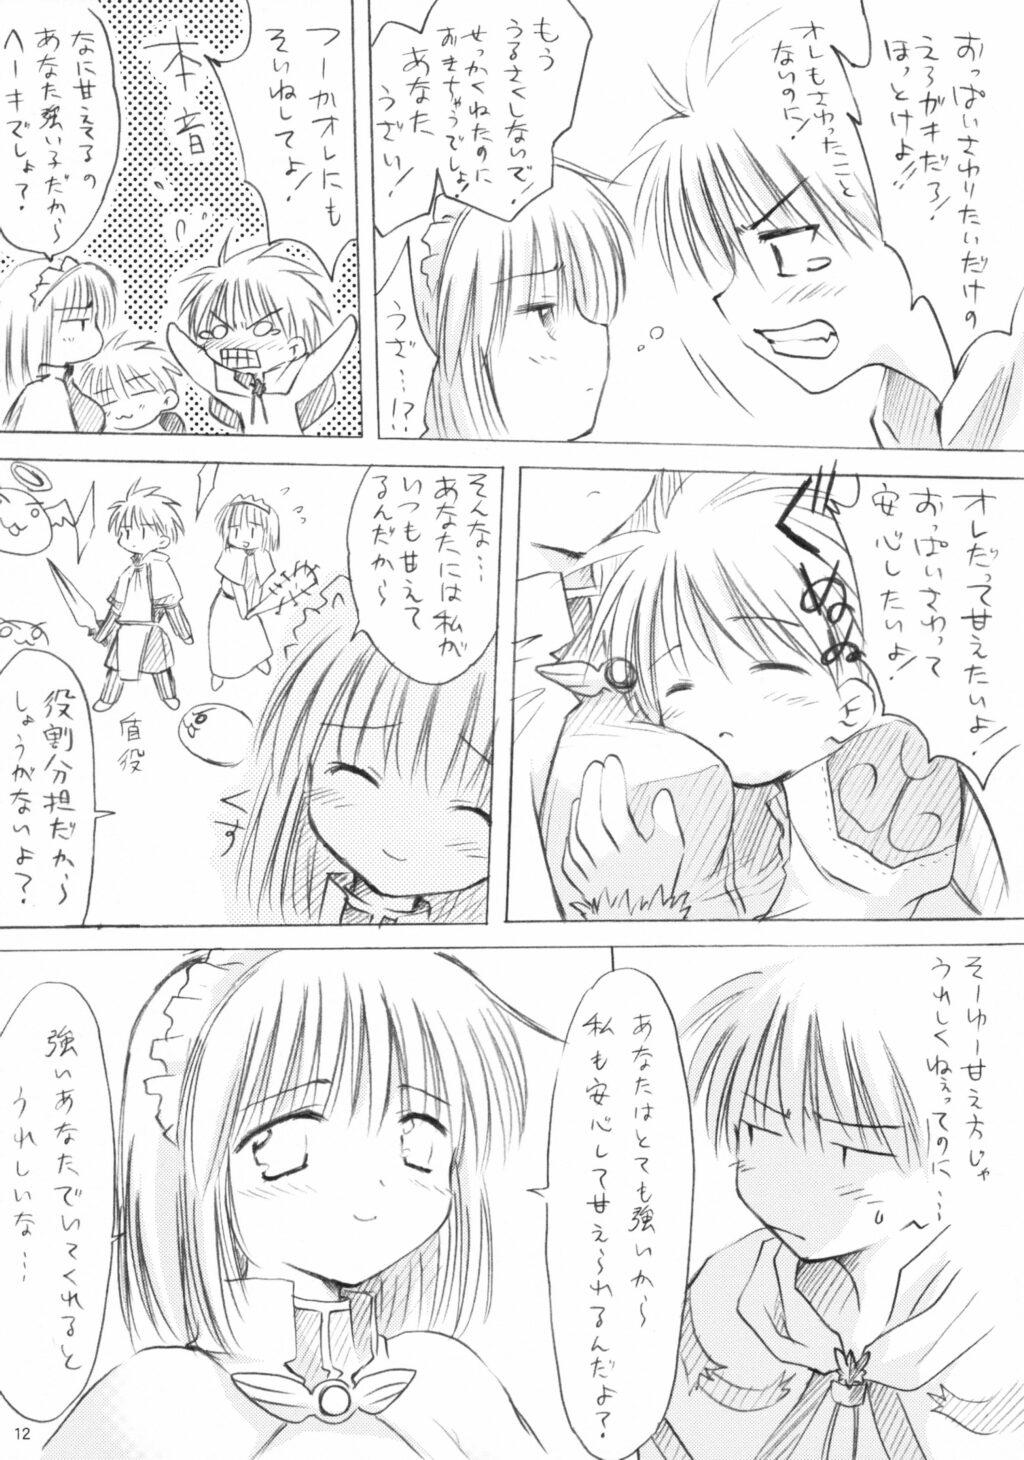 Hajisyoku 11